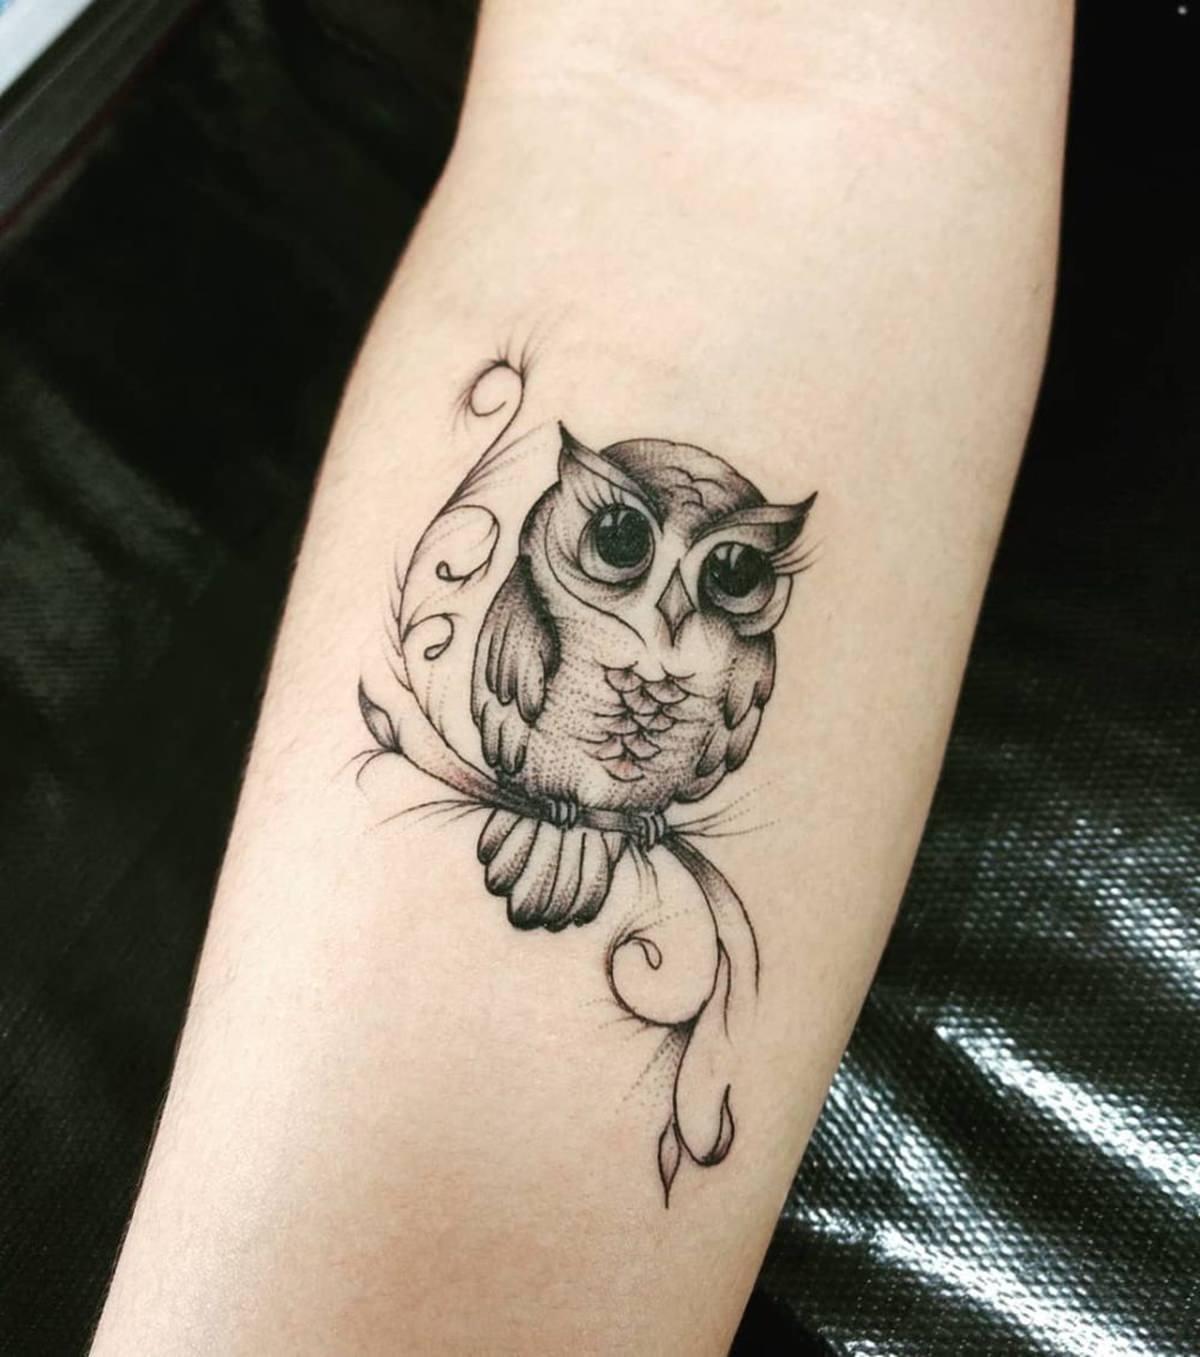 Tatuagem foda de uma coruja